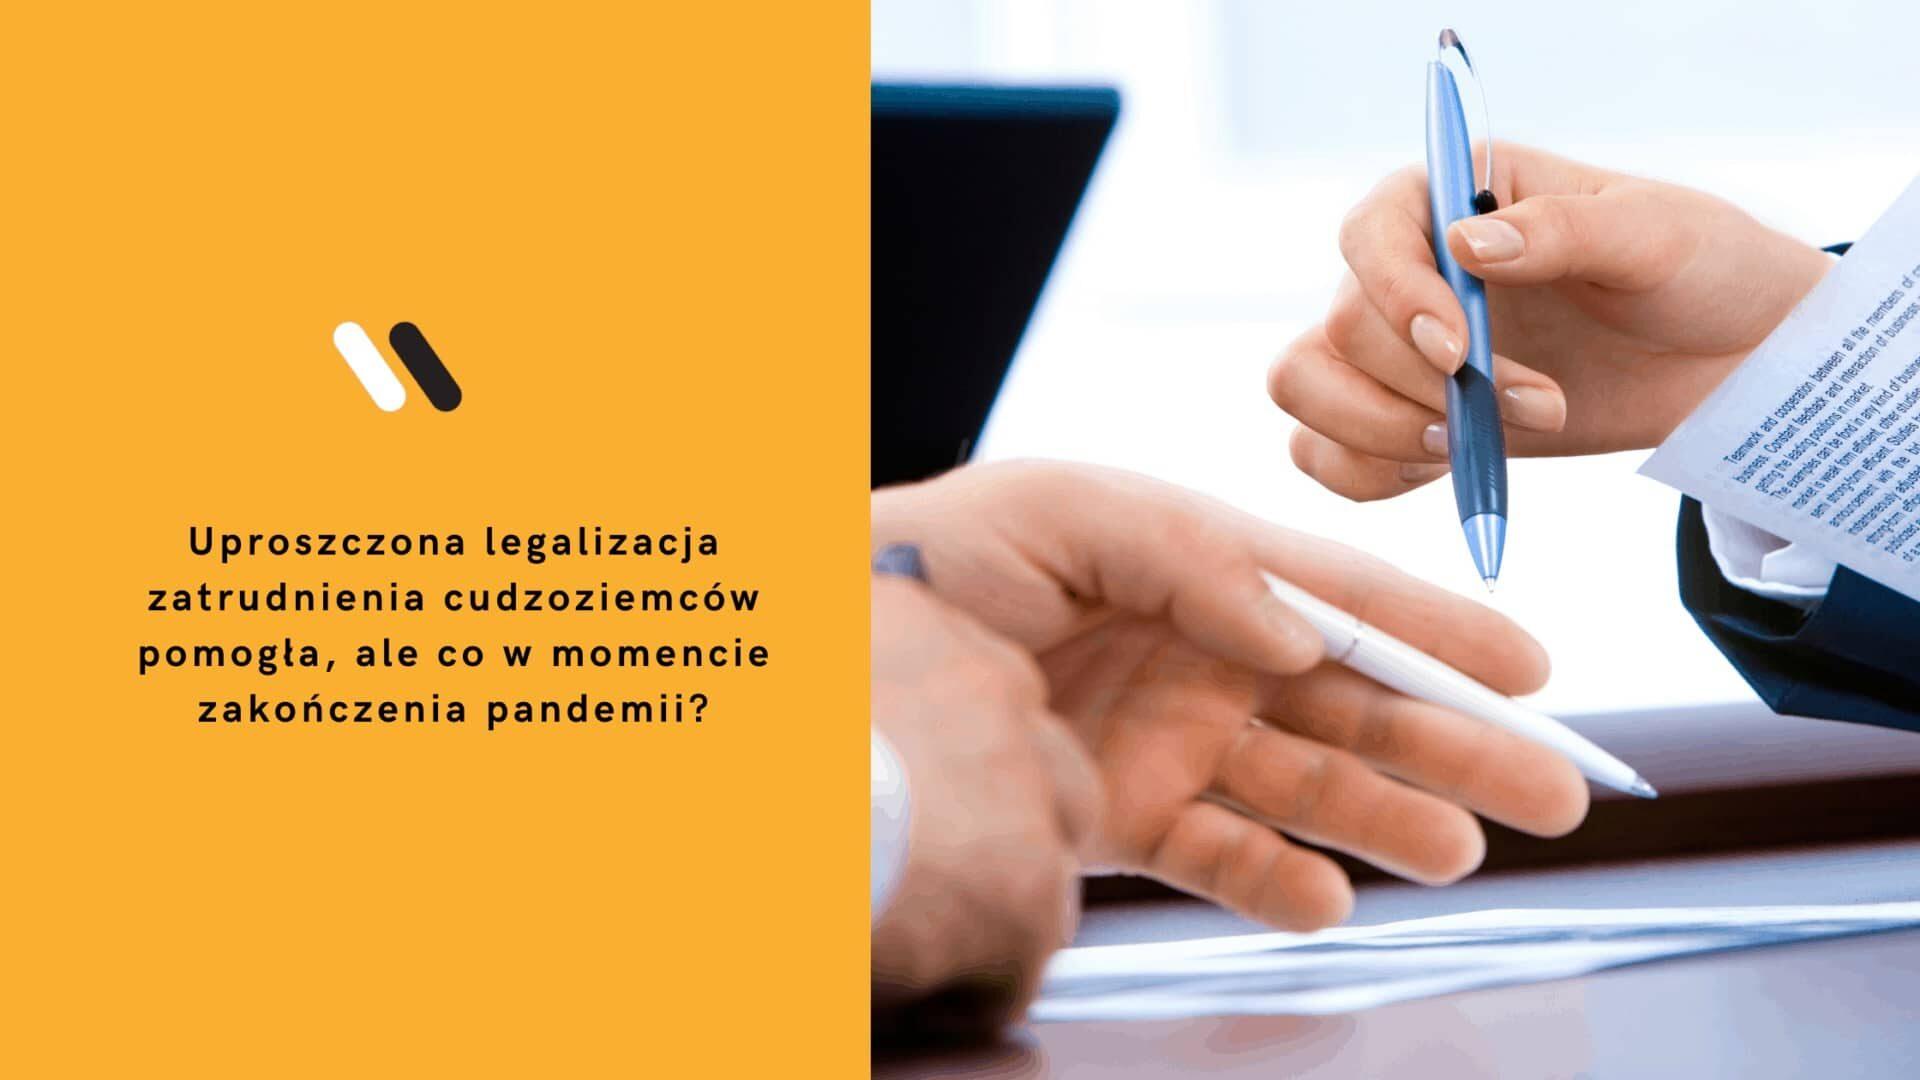 Uproszczona legalizacja zatrudnienia cudzoziemców pomogła_1